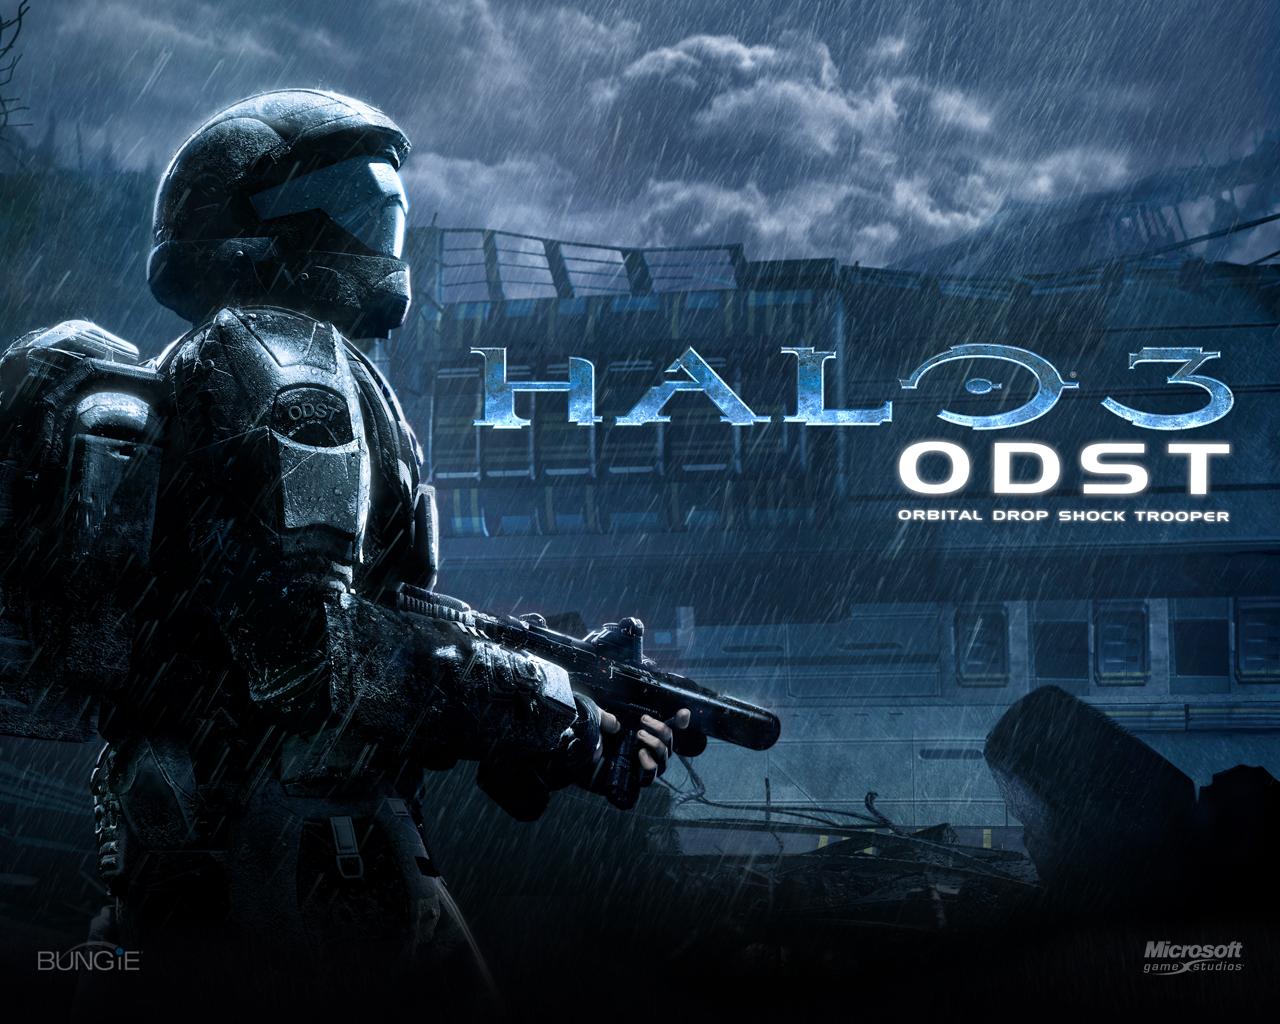 Poster do filme Halo 3: ODST - O Filme